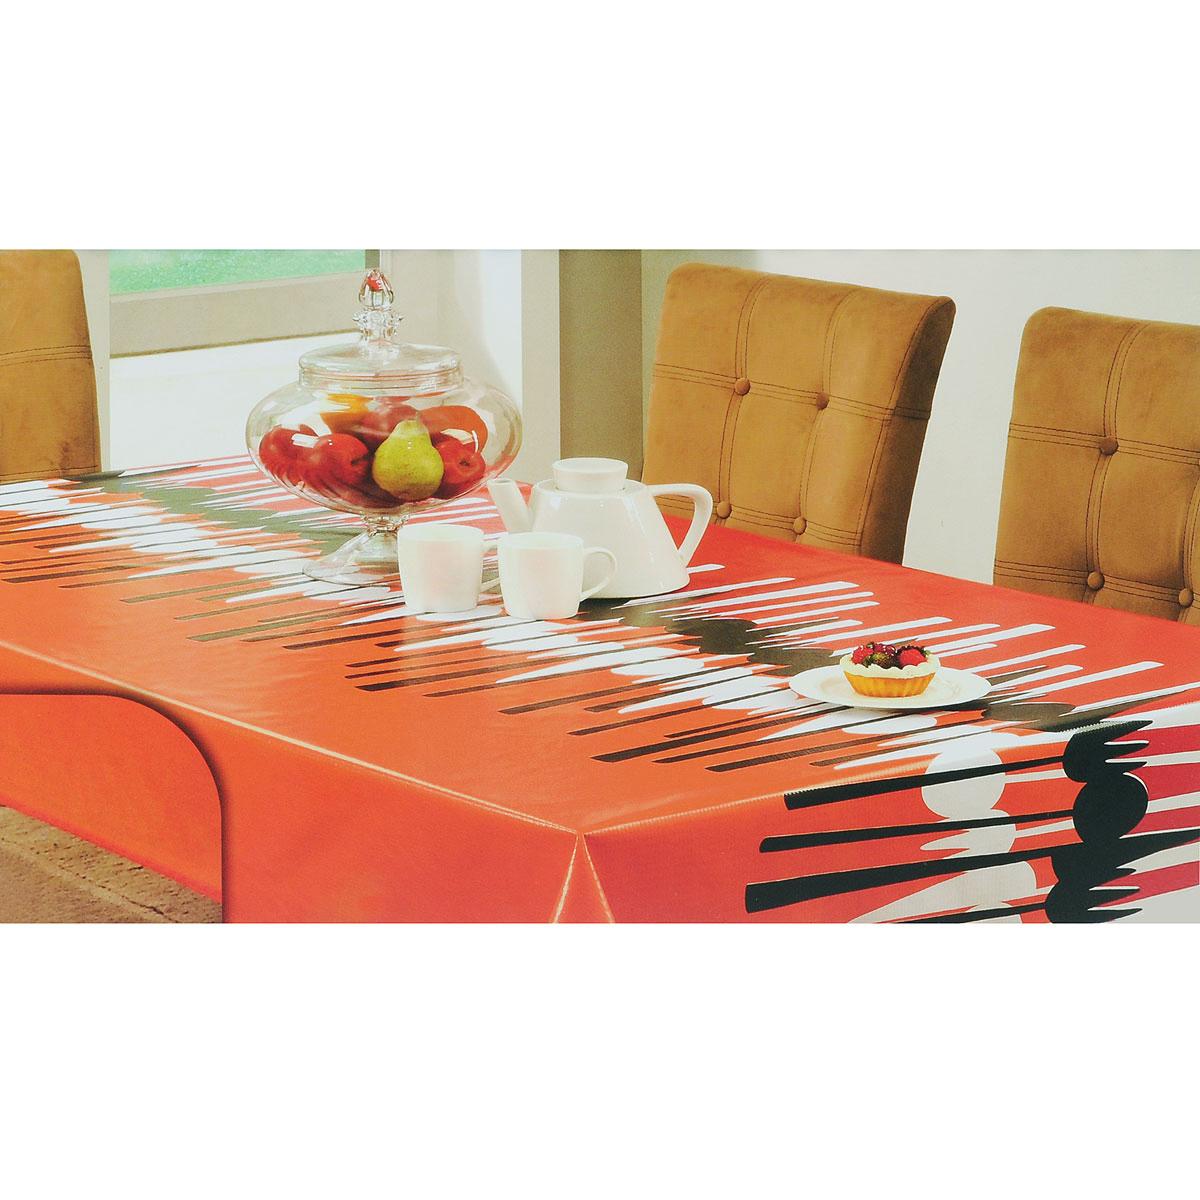 Скатерть White Fox Осень, прямоугольная, цвет: красный, оранжевый, 120 x 152 смWКTC72-259Прямоугольная скатерть White Fox Осень, выполненная из ПВХ с основой из флиса, предназначена для защиты стола от царапин, пятен и крошек. Край скатерти обработан тканью. Скатерть оформлена изображением столовых приборов, а рифлёная поверхность скатерти формирует приятные тактильные ощущения, при этом частички пищи удаляются с легкостью и поверхность остается всегда чистой. Скатерть термостойкая, выдерживает температуру до +70 °C. Скатерть White Fox проста в уходе - её можно протирать любыми моющими средствами при необходимости. Скатерть упакована в виниловый пакет с внутренним цветным вкладышем и подвесом в виде крючка.